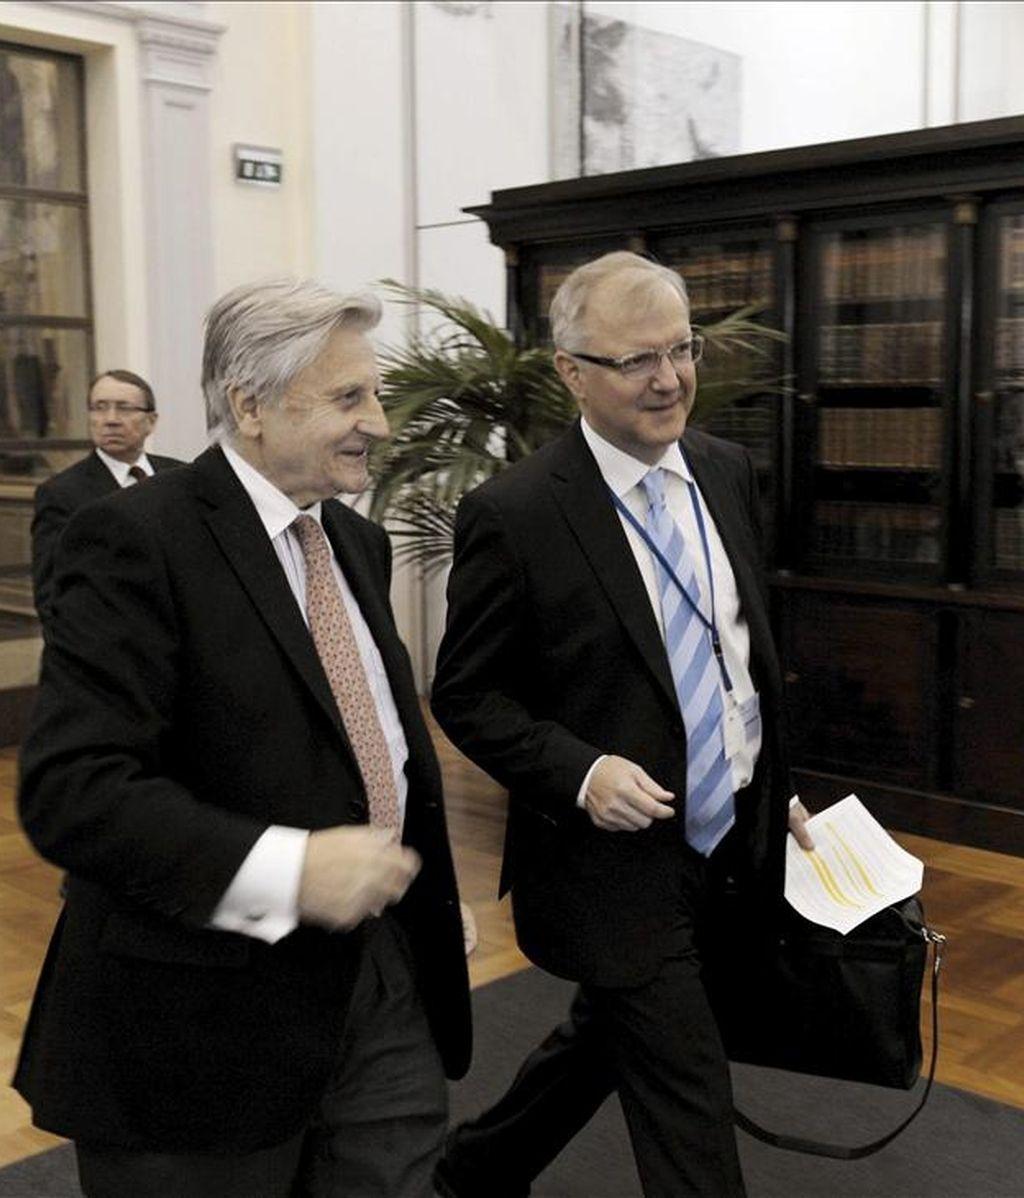 El presidente del Banco Central Europeo, Jean-Claude Trichet (izq), conversa con el comisario europeo de Asuntos Económicos y Monetarios, Olli Rehn (dcha), a su llegada a la reunión de los miembros del consejo directivo del Banco Central Europeo celebrada en Helsinki (Finlandia). EFE